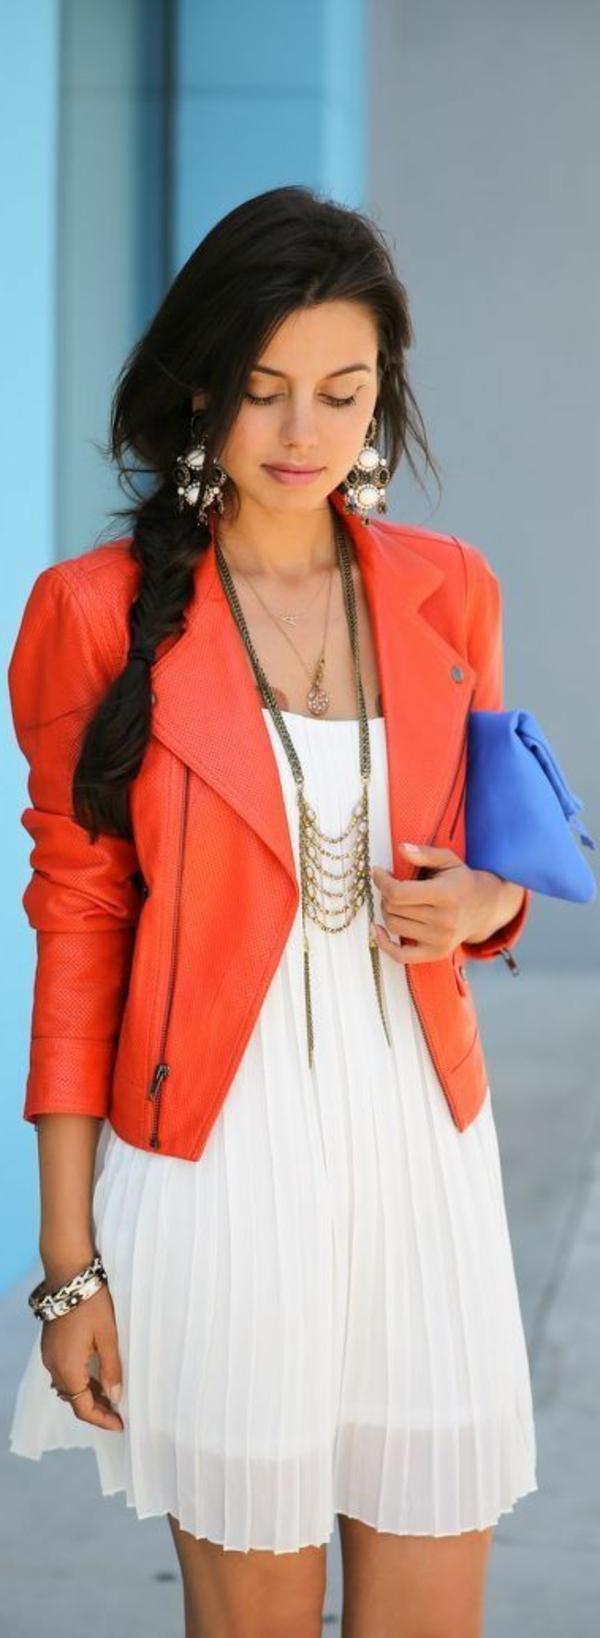 veste-corail-et-robe-blanche-plissée